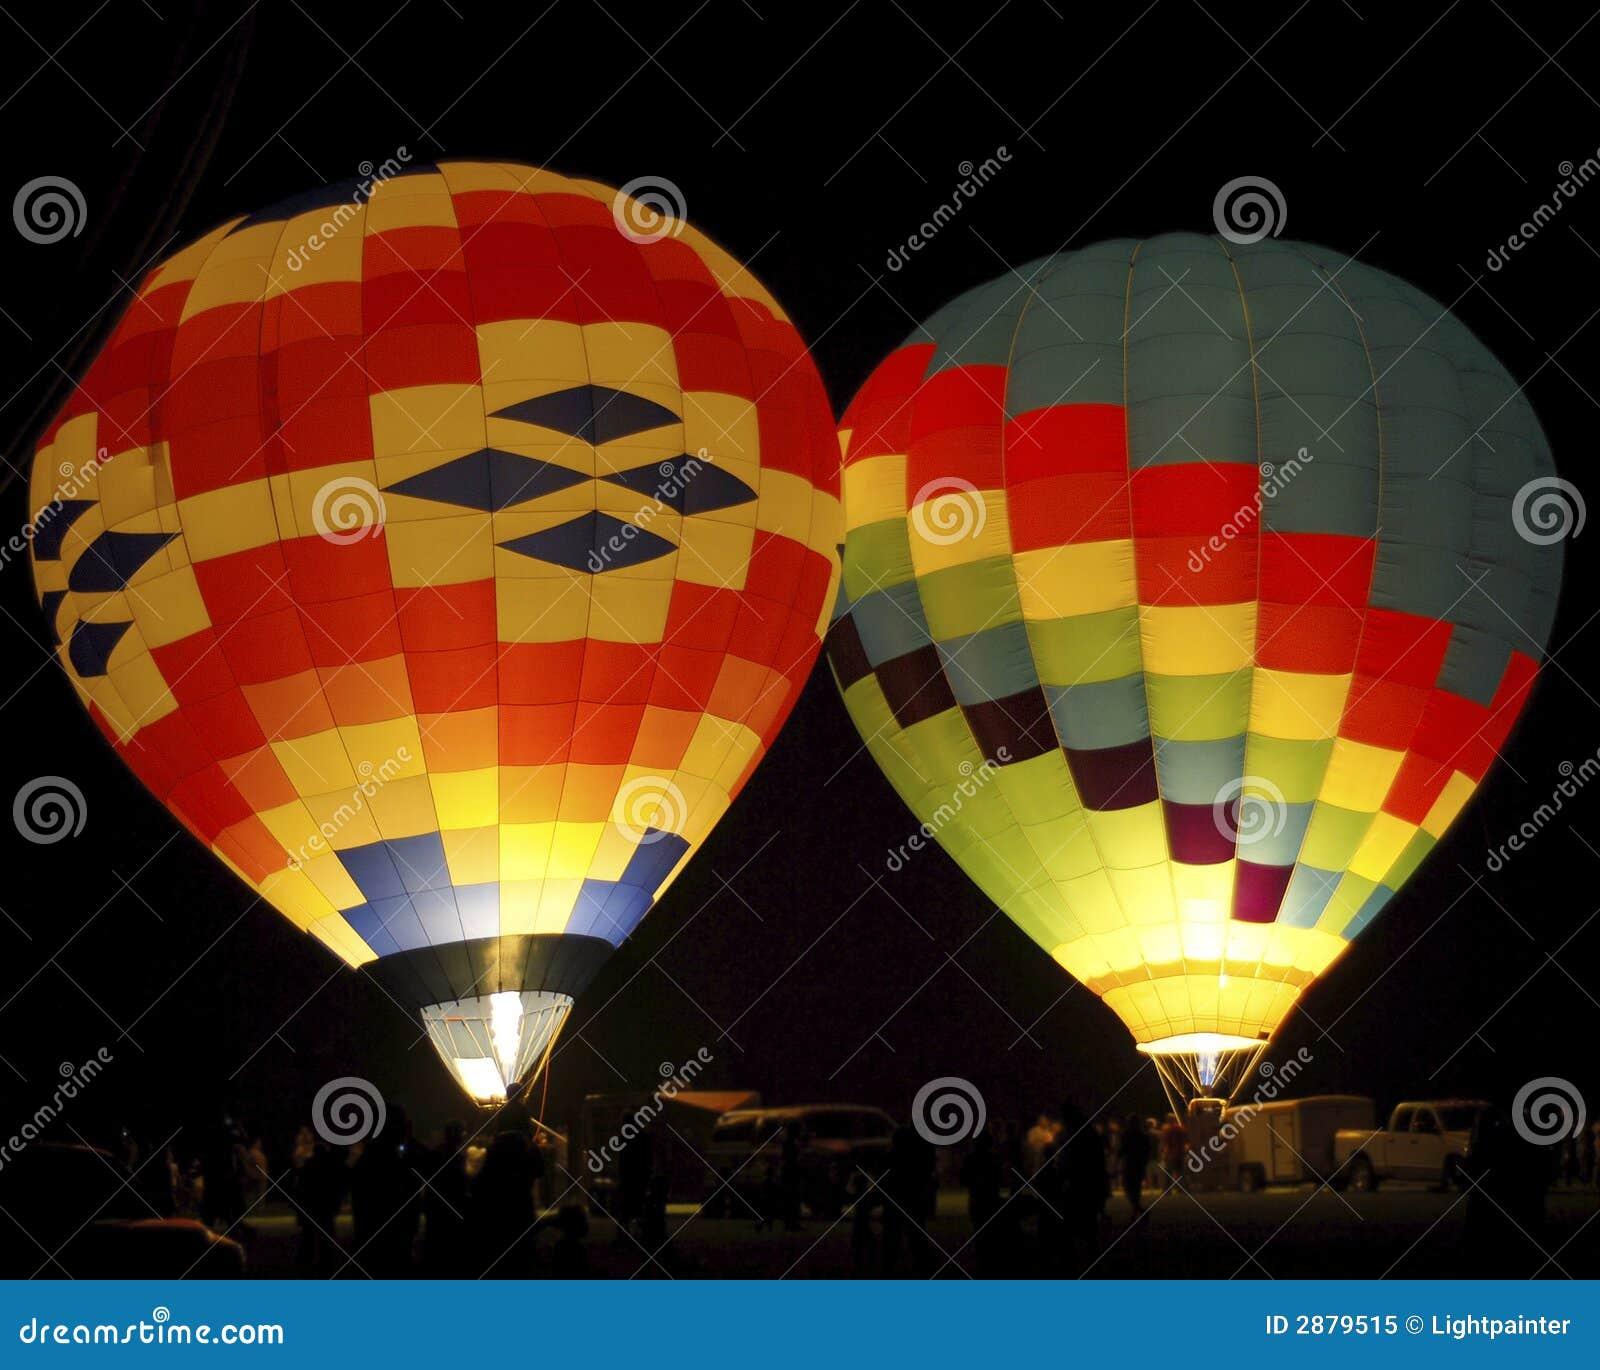 Hot Air Balloons At Night Royalty Free Stock Photo - Image ...